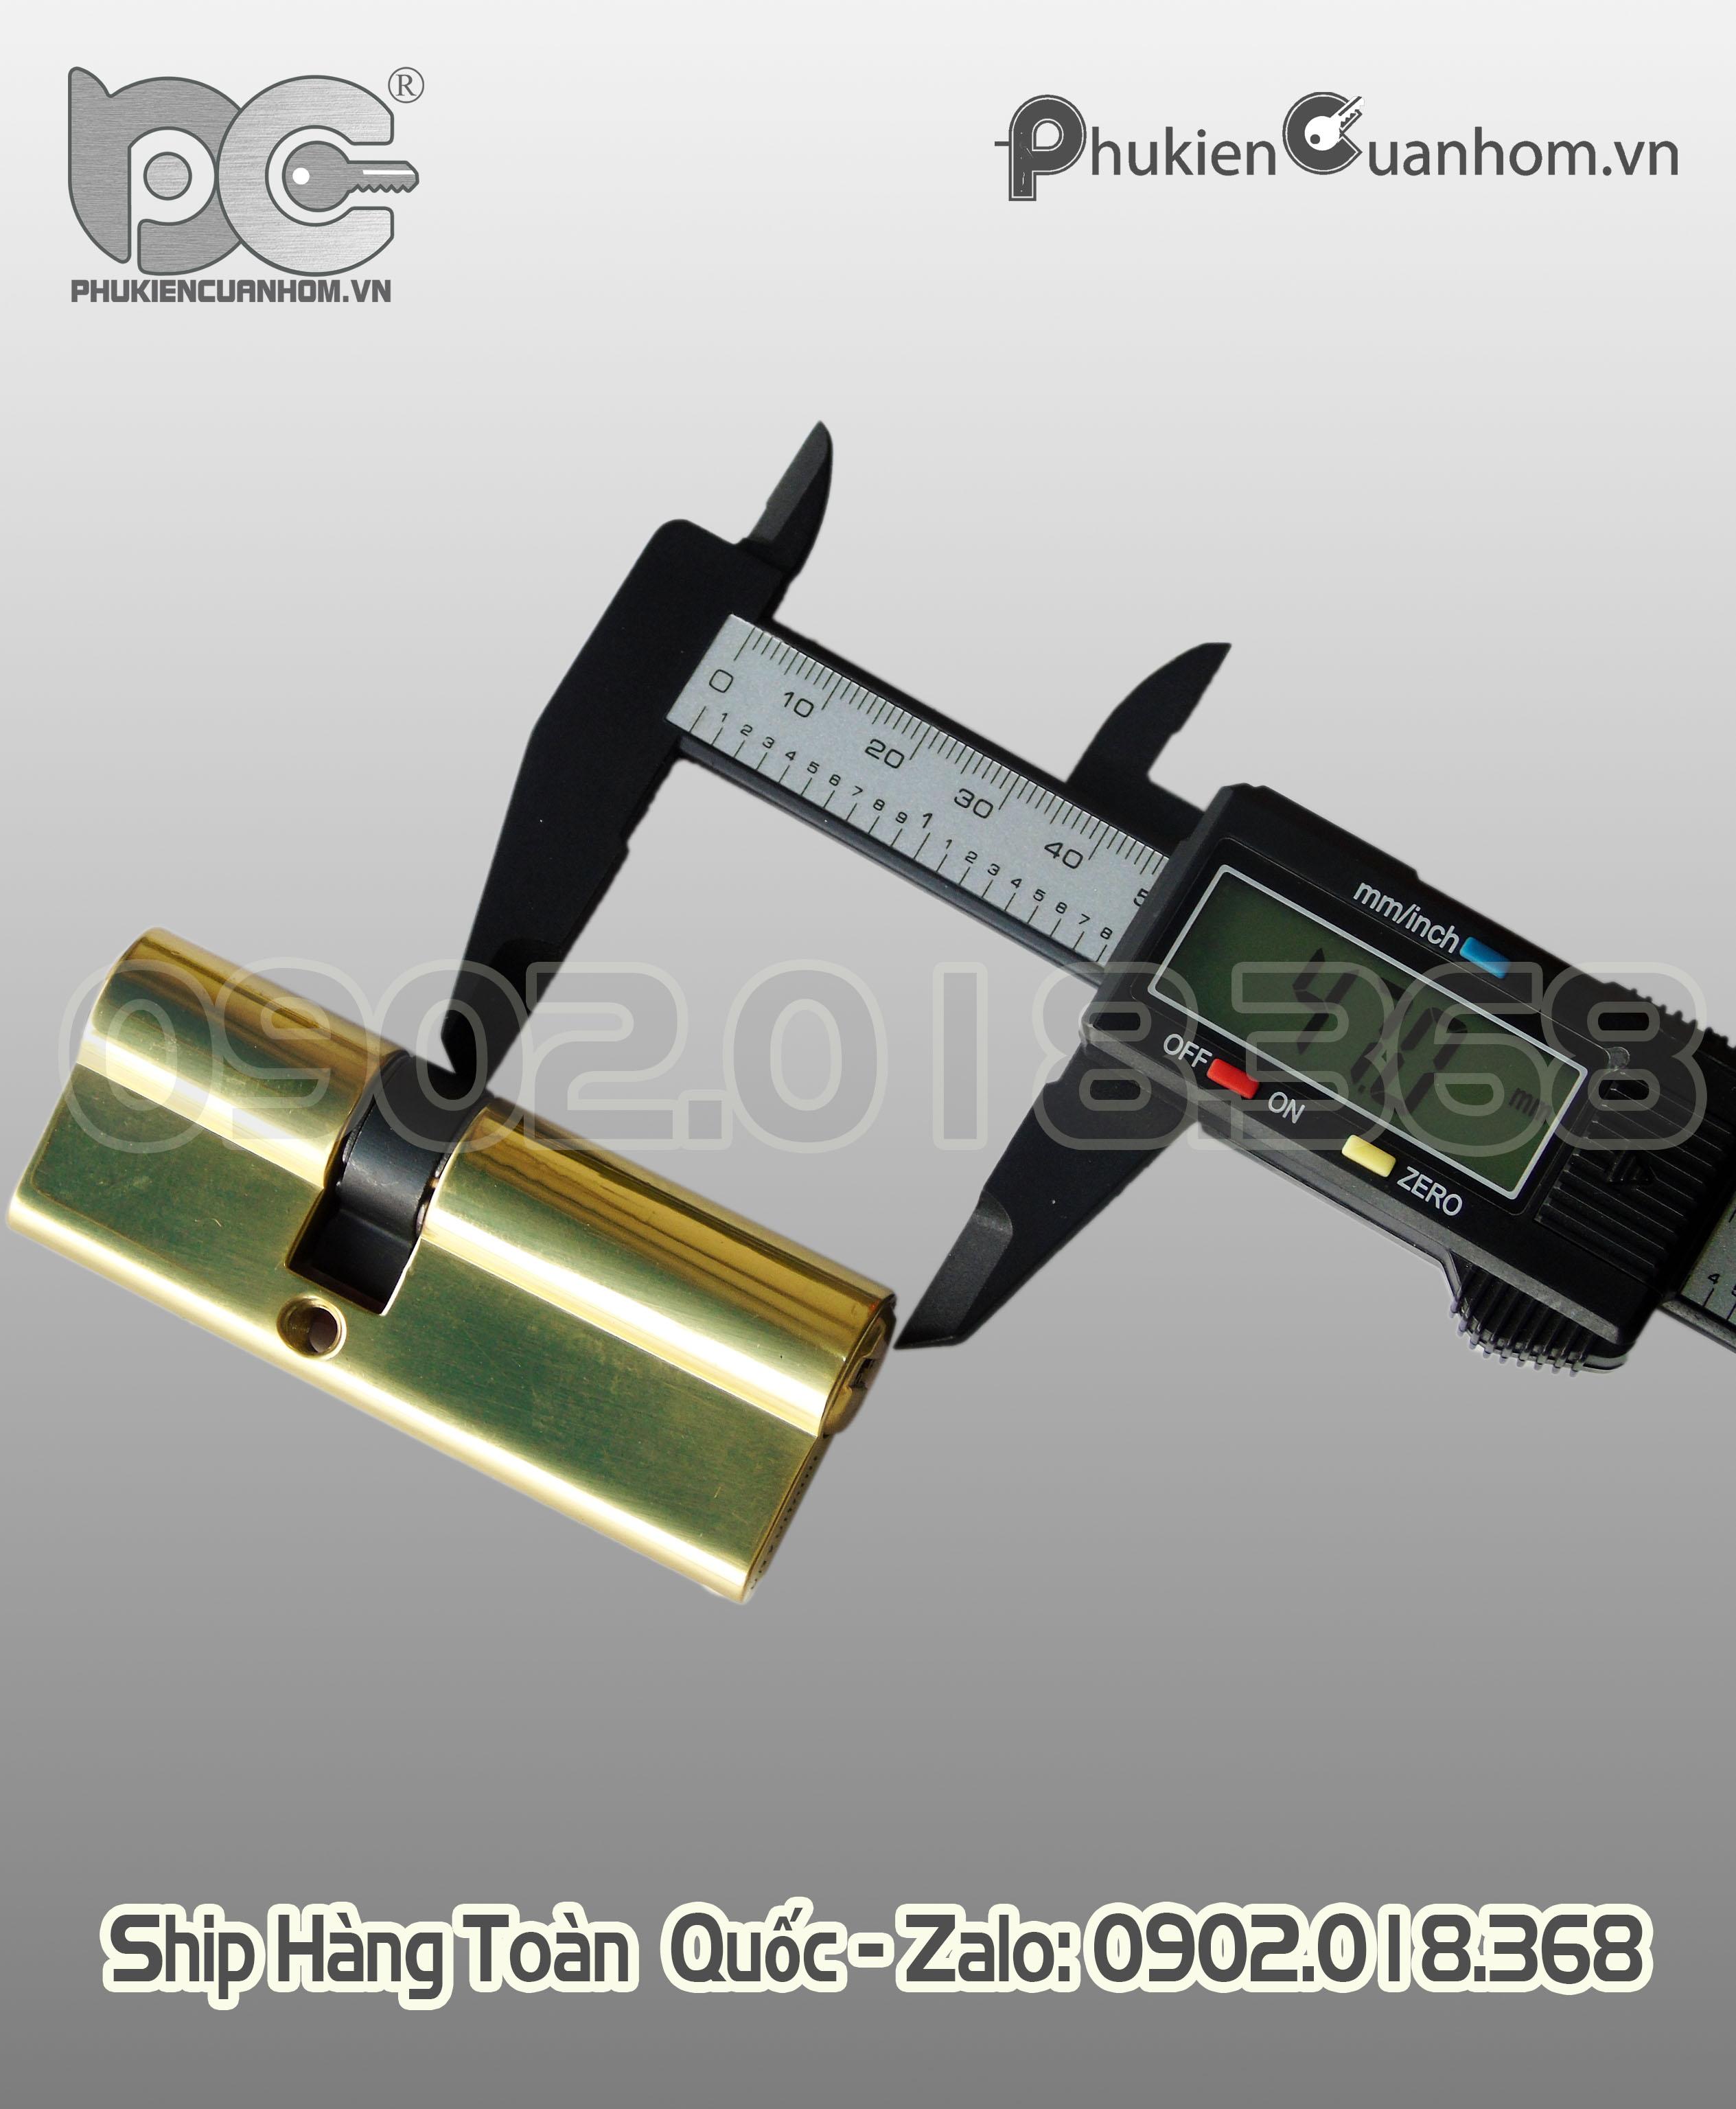 Lõi khoá Xingfa 2 đầu chìa hiệu Huy Hoàng - KIL3247